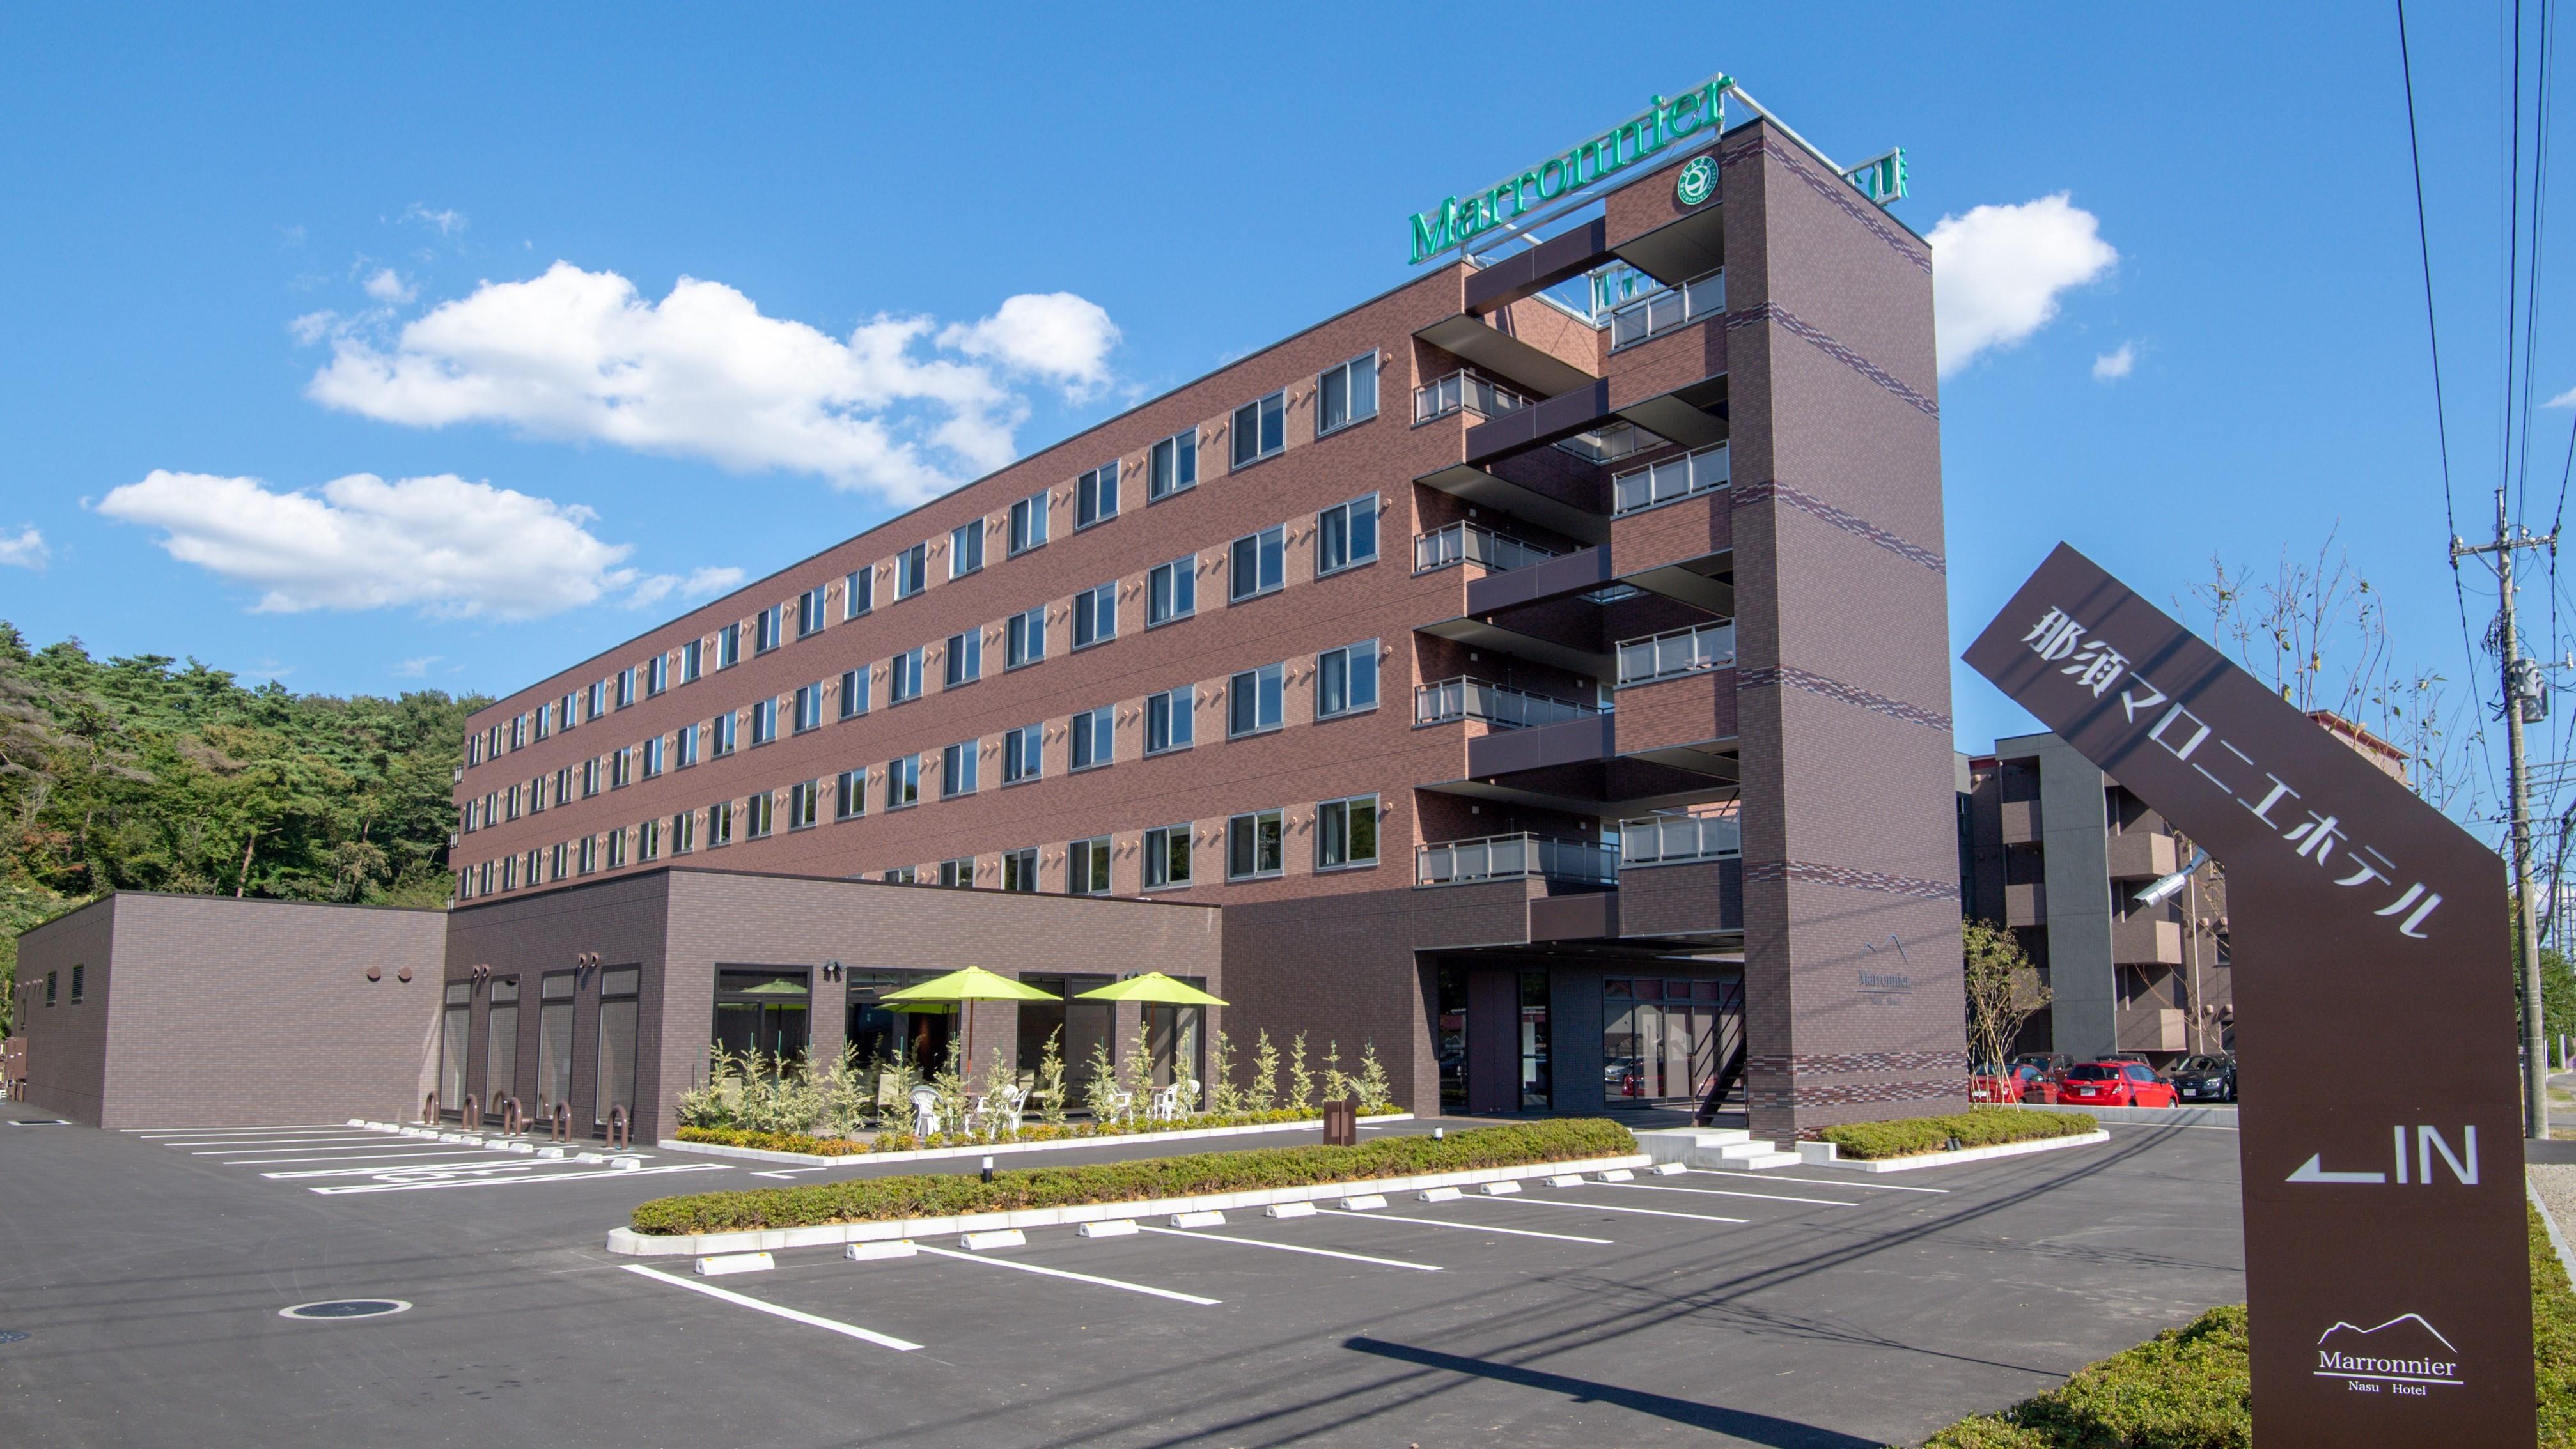 那須マロニエホテル(2018年11月ニューオープン)